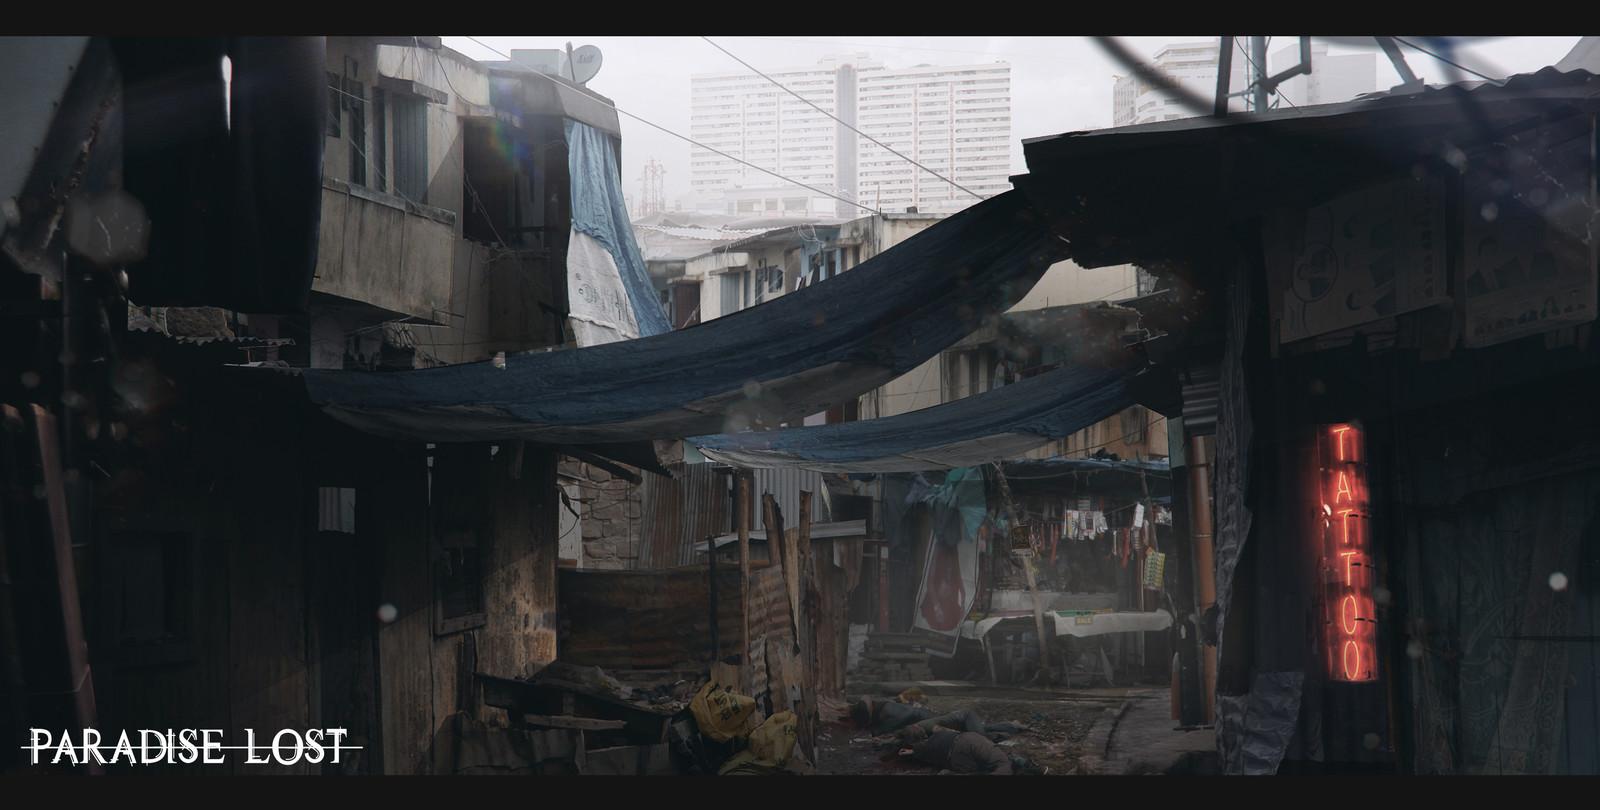 Paradise Lost Slum